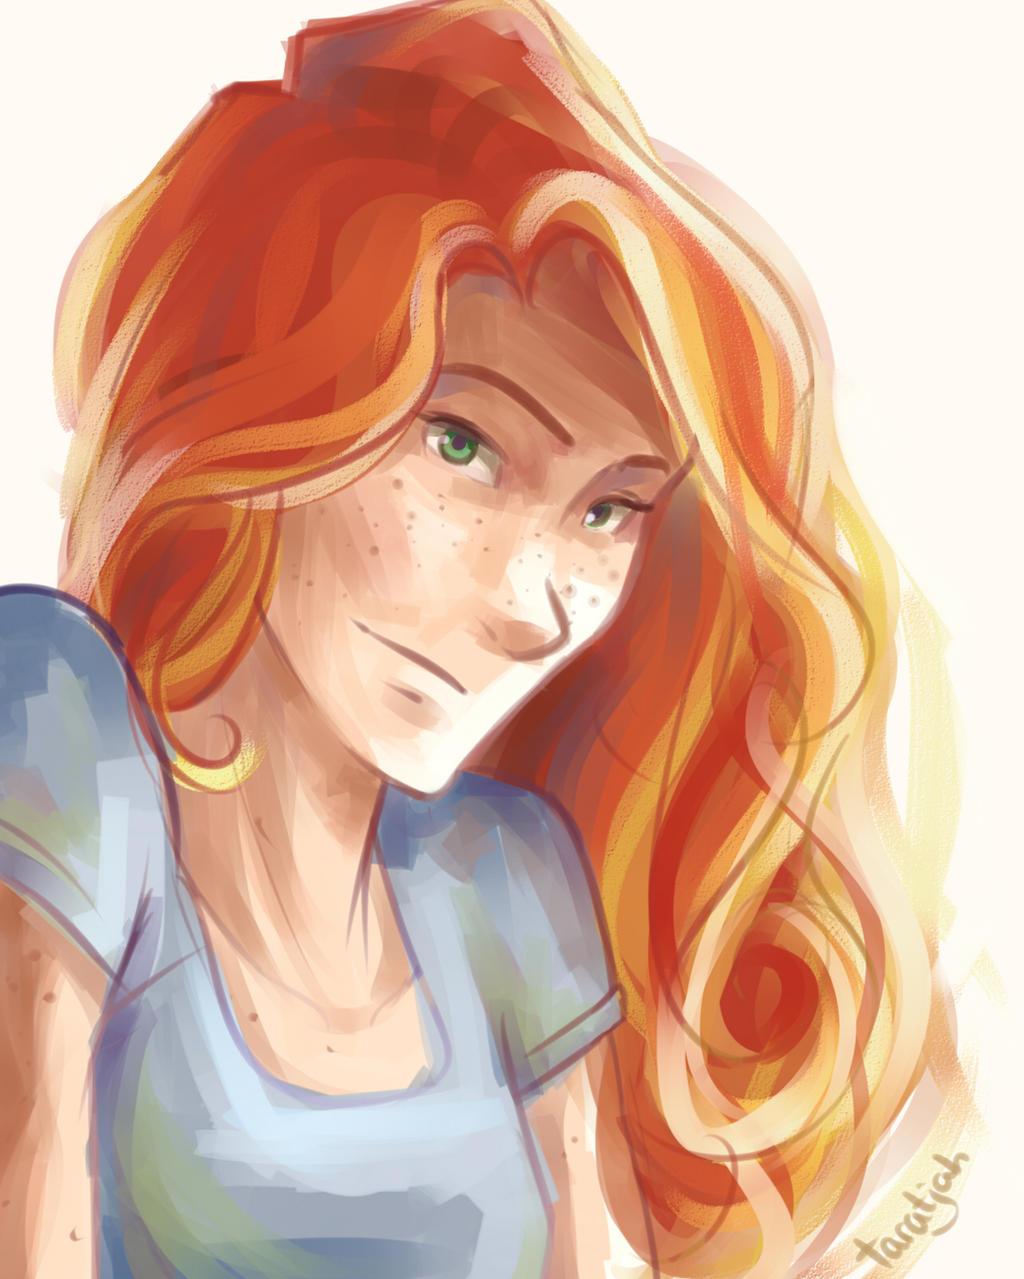 Clary Fray by taratjah on DeviantArt